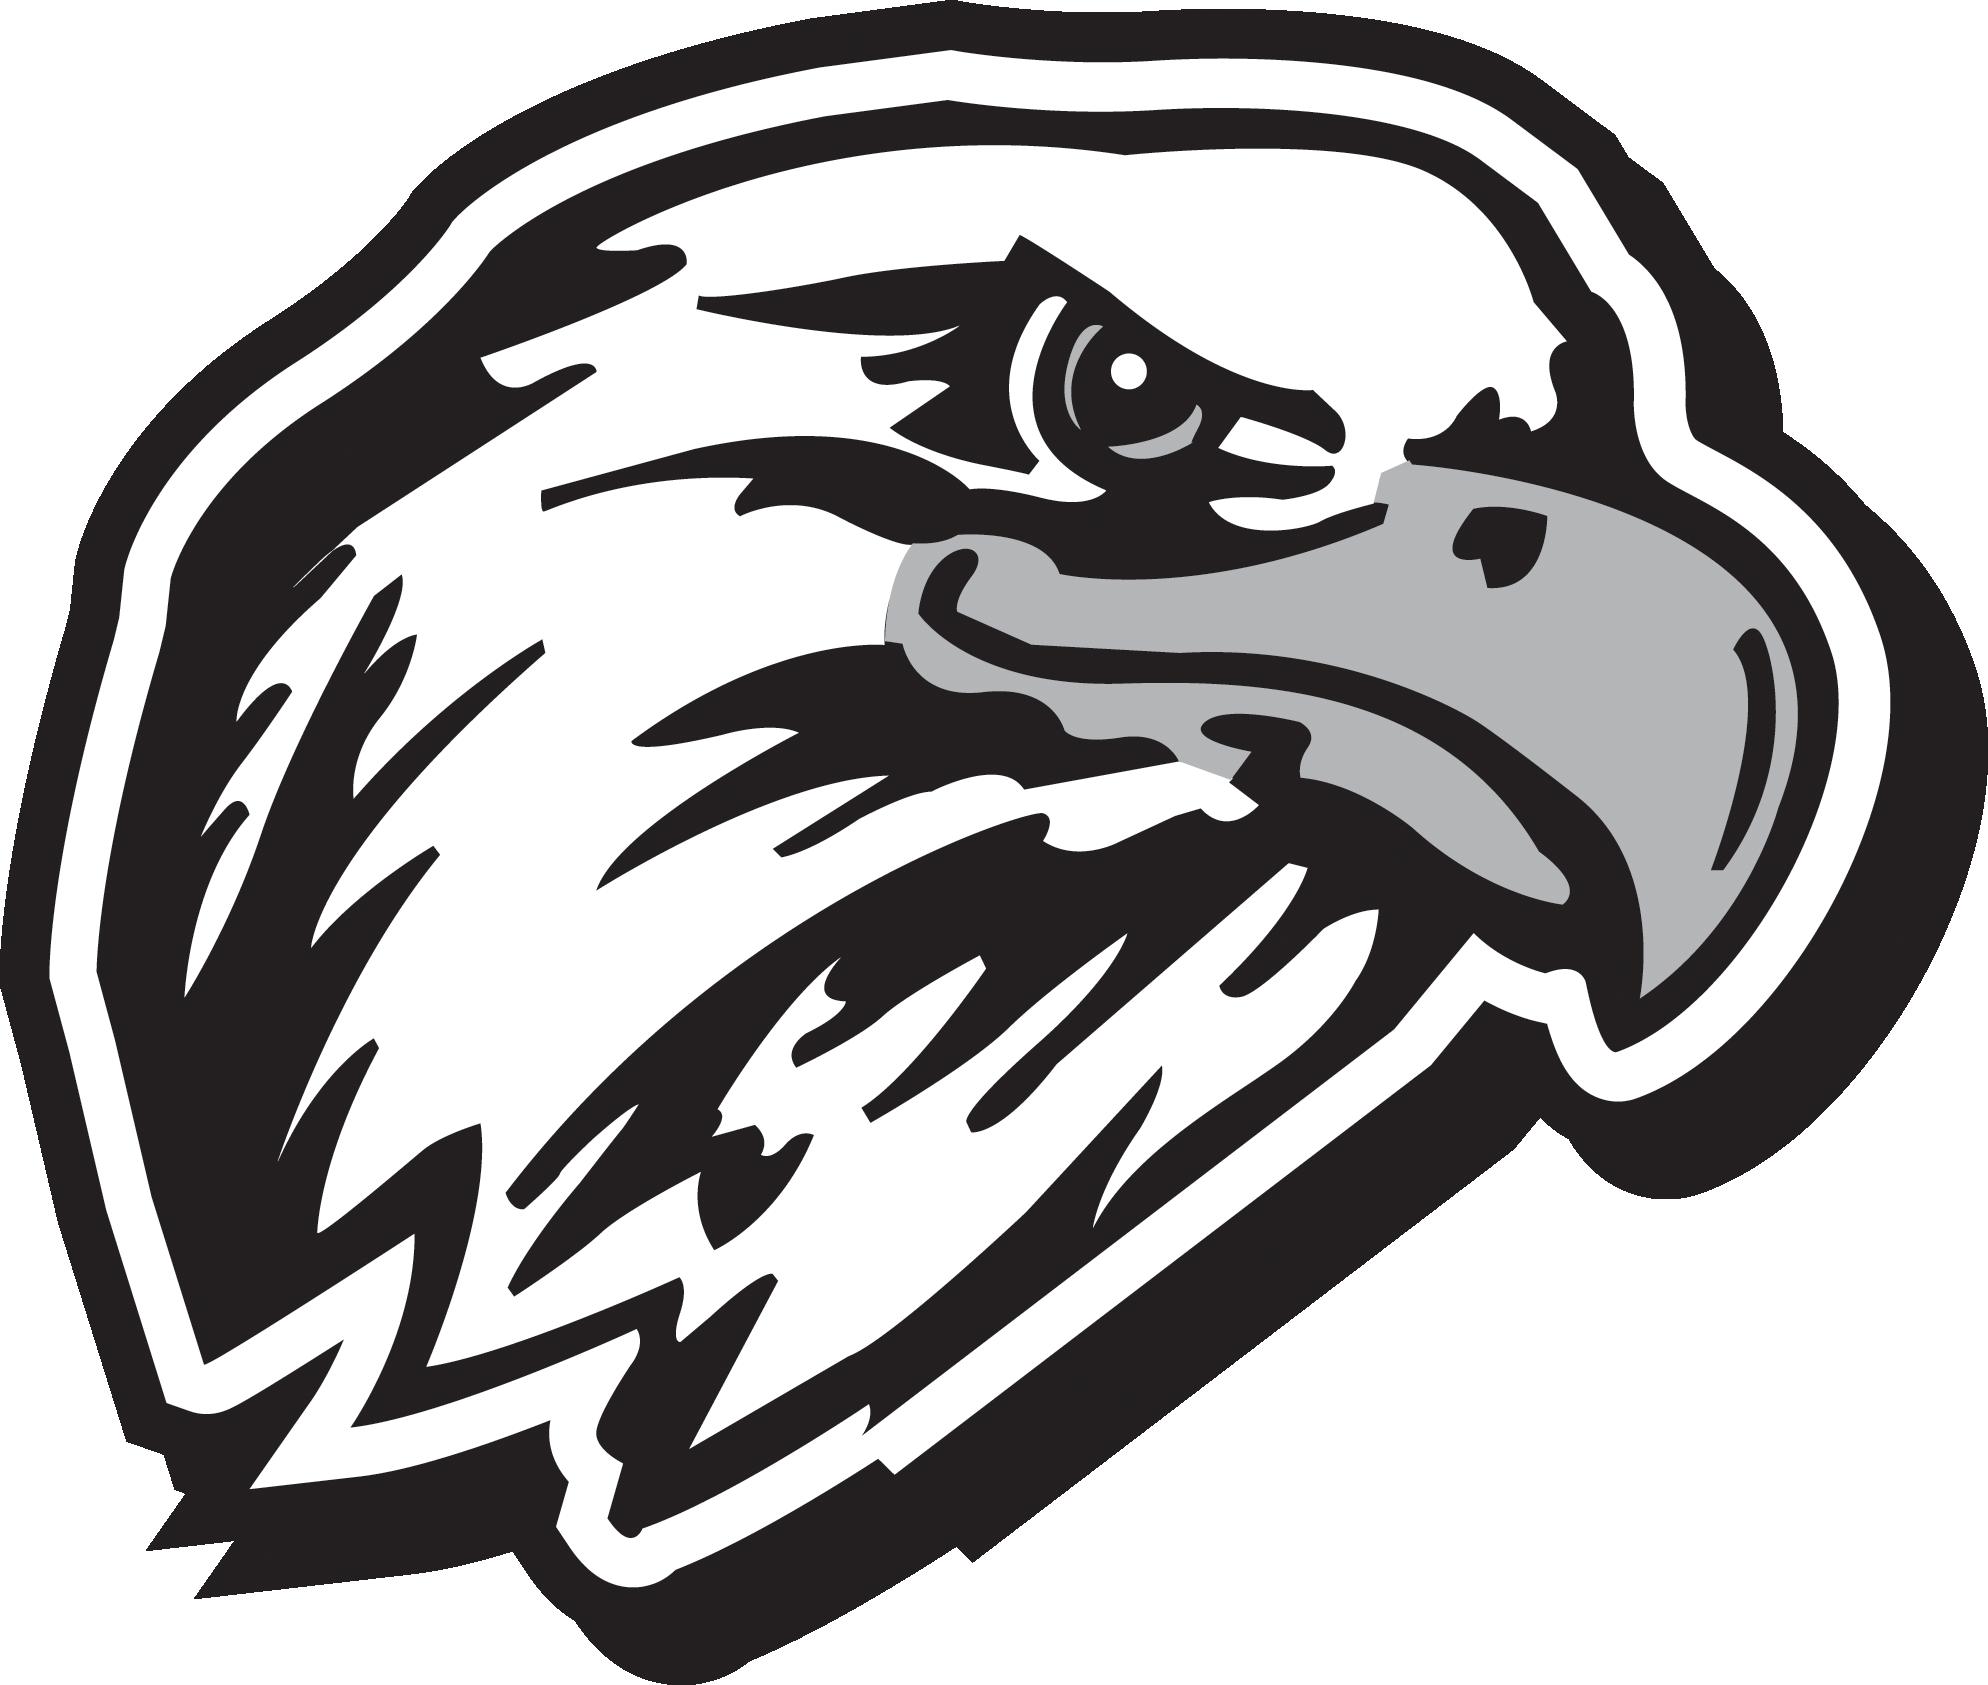 Logo drawing at getdrawings. Football clipart eagles